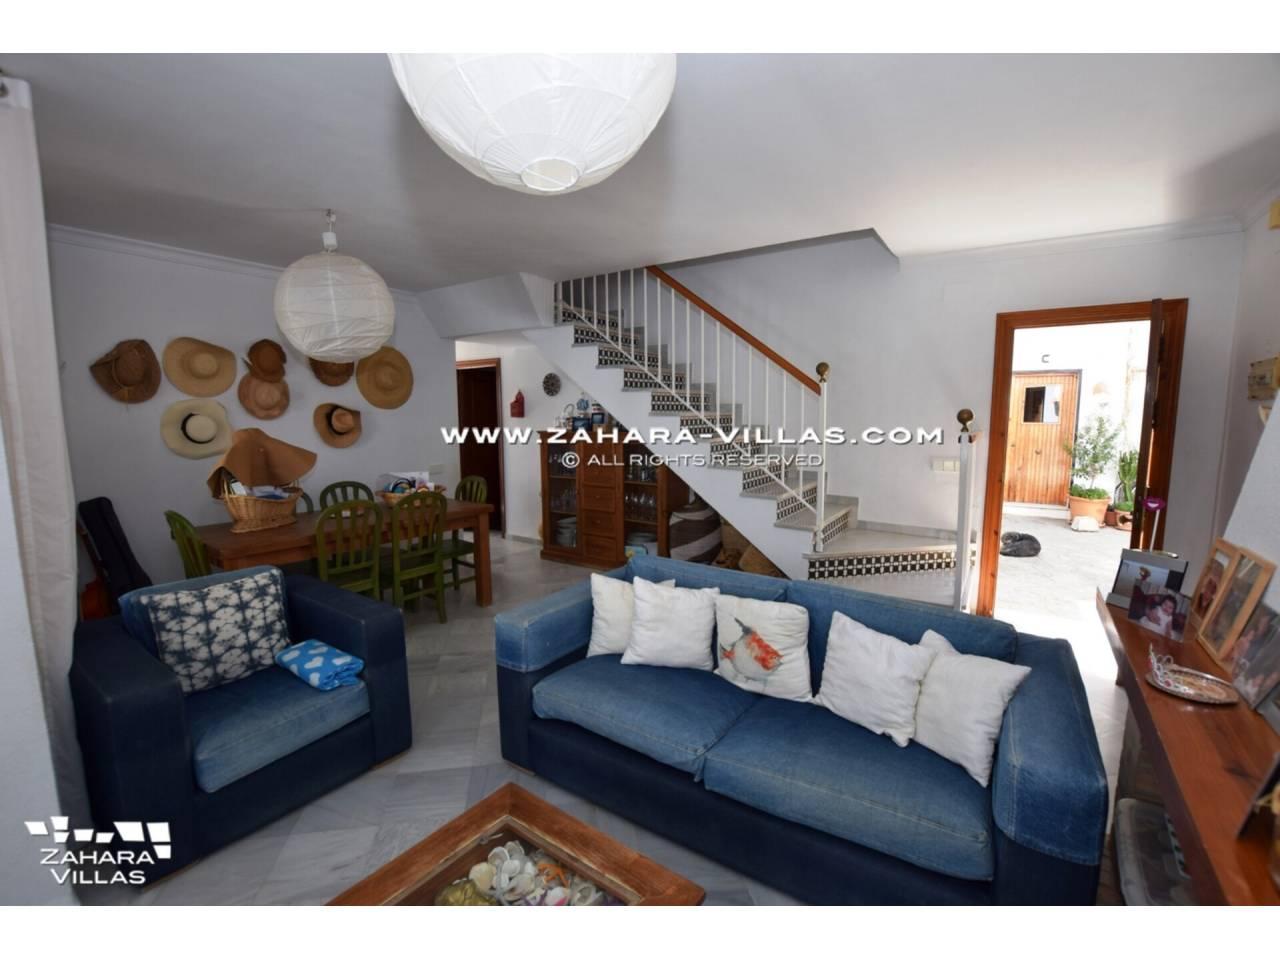 Imagen 14 de Casa en venta en segunda línea de playa, con vistas al mar en Zahara de los Atunes